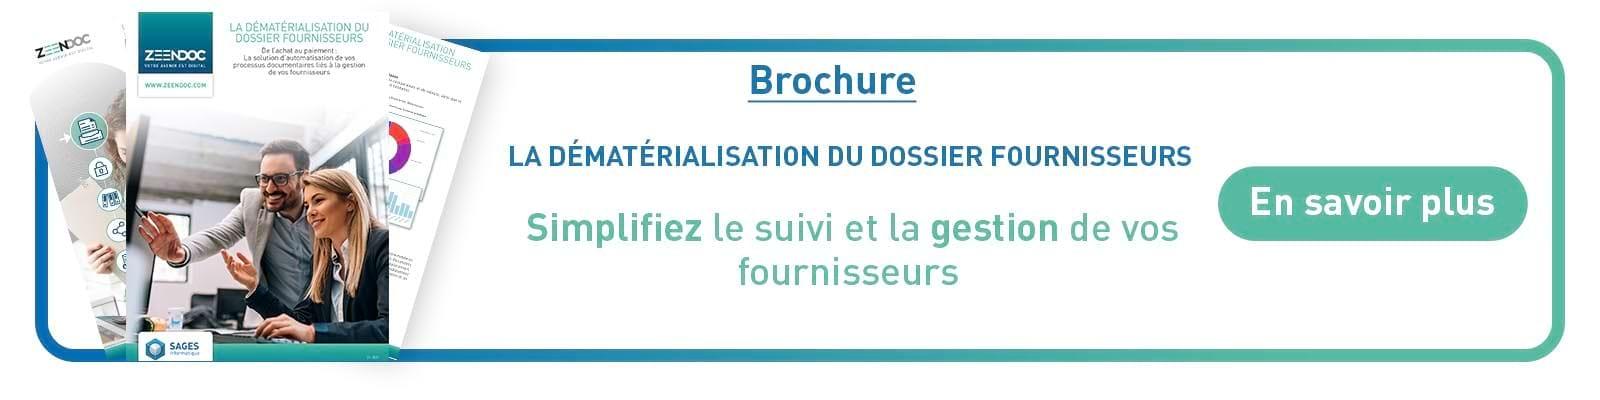 brochure_dématérialisation_fournisseurs